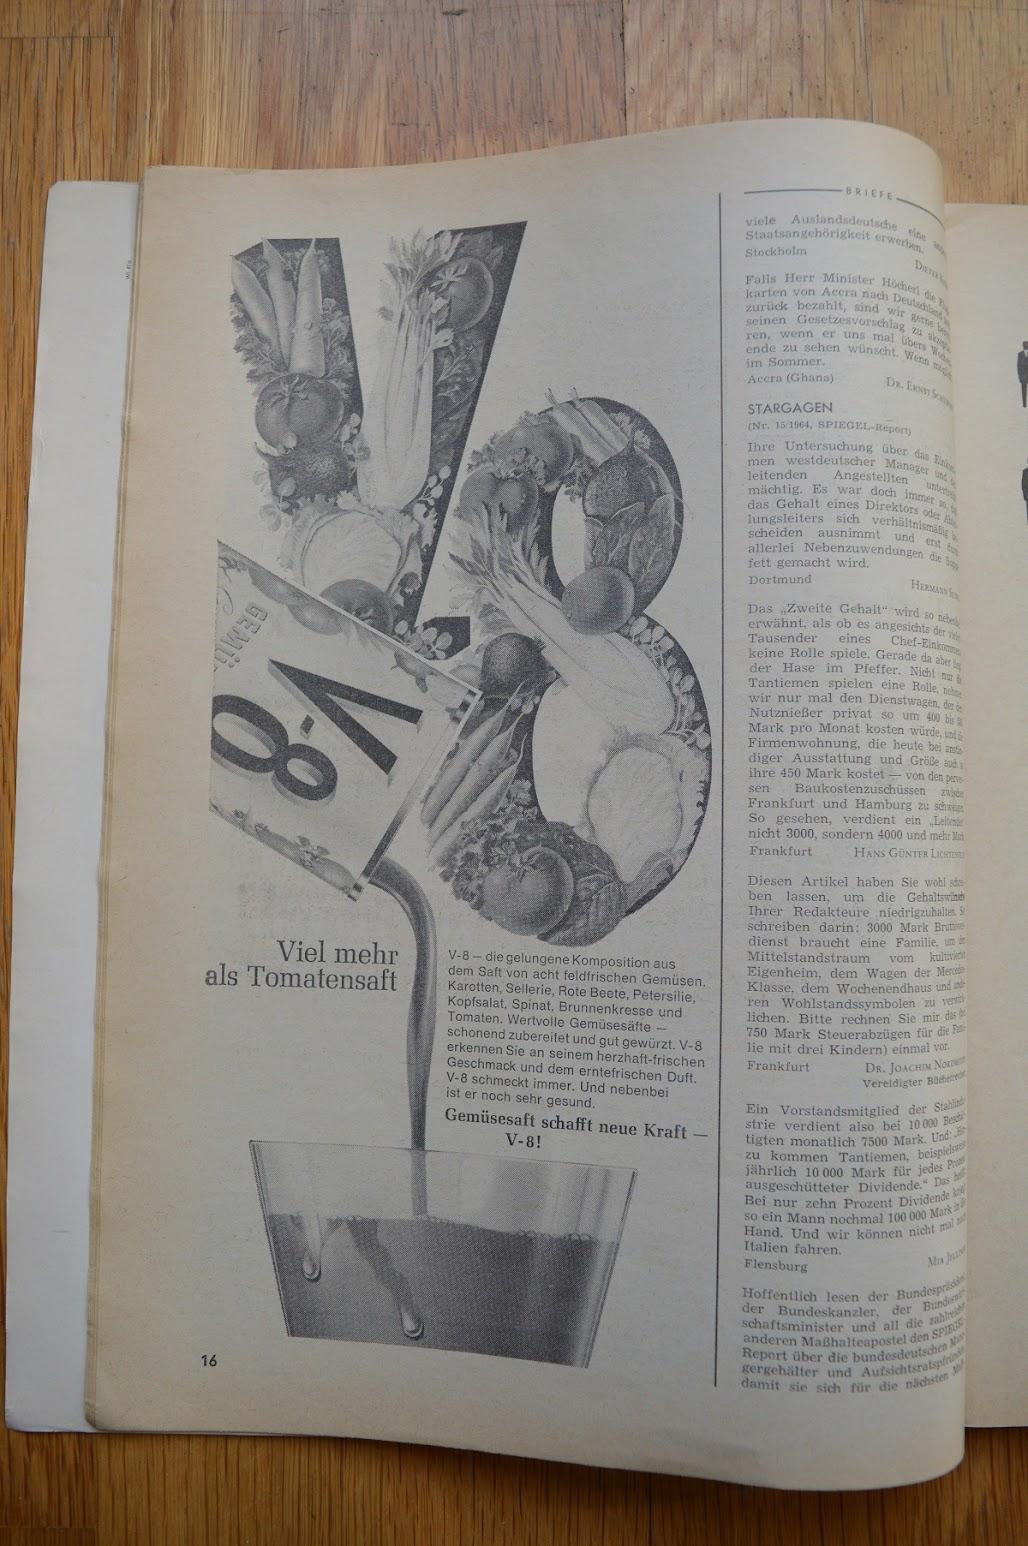 DER SPIEGEL, 29. April 1964 - Werbung für Tomatensaft